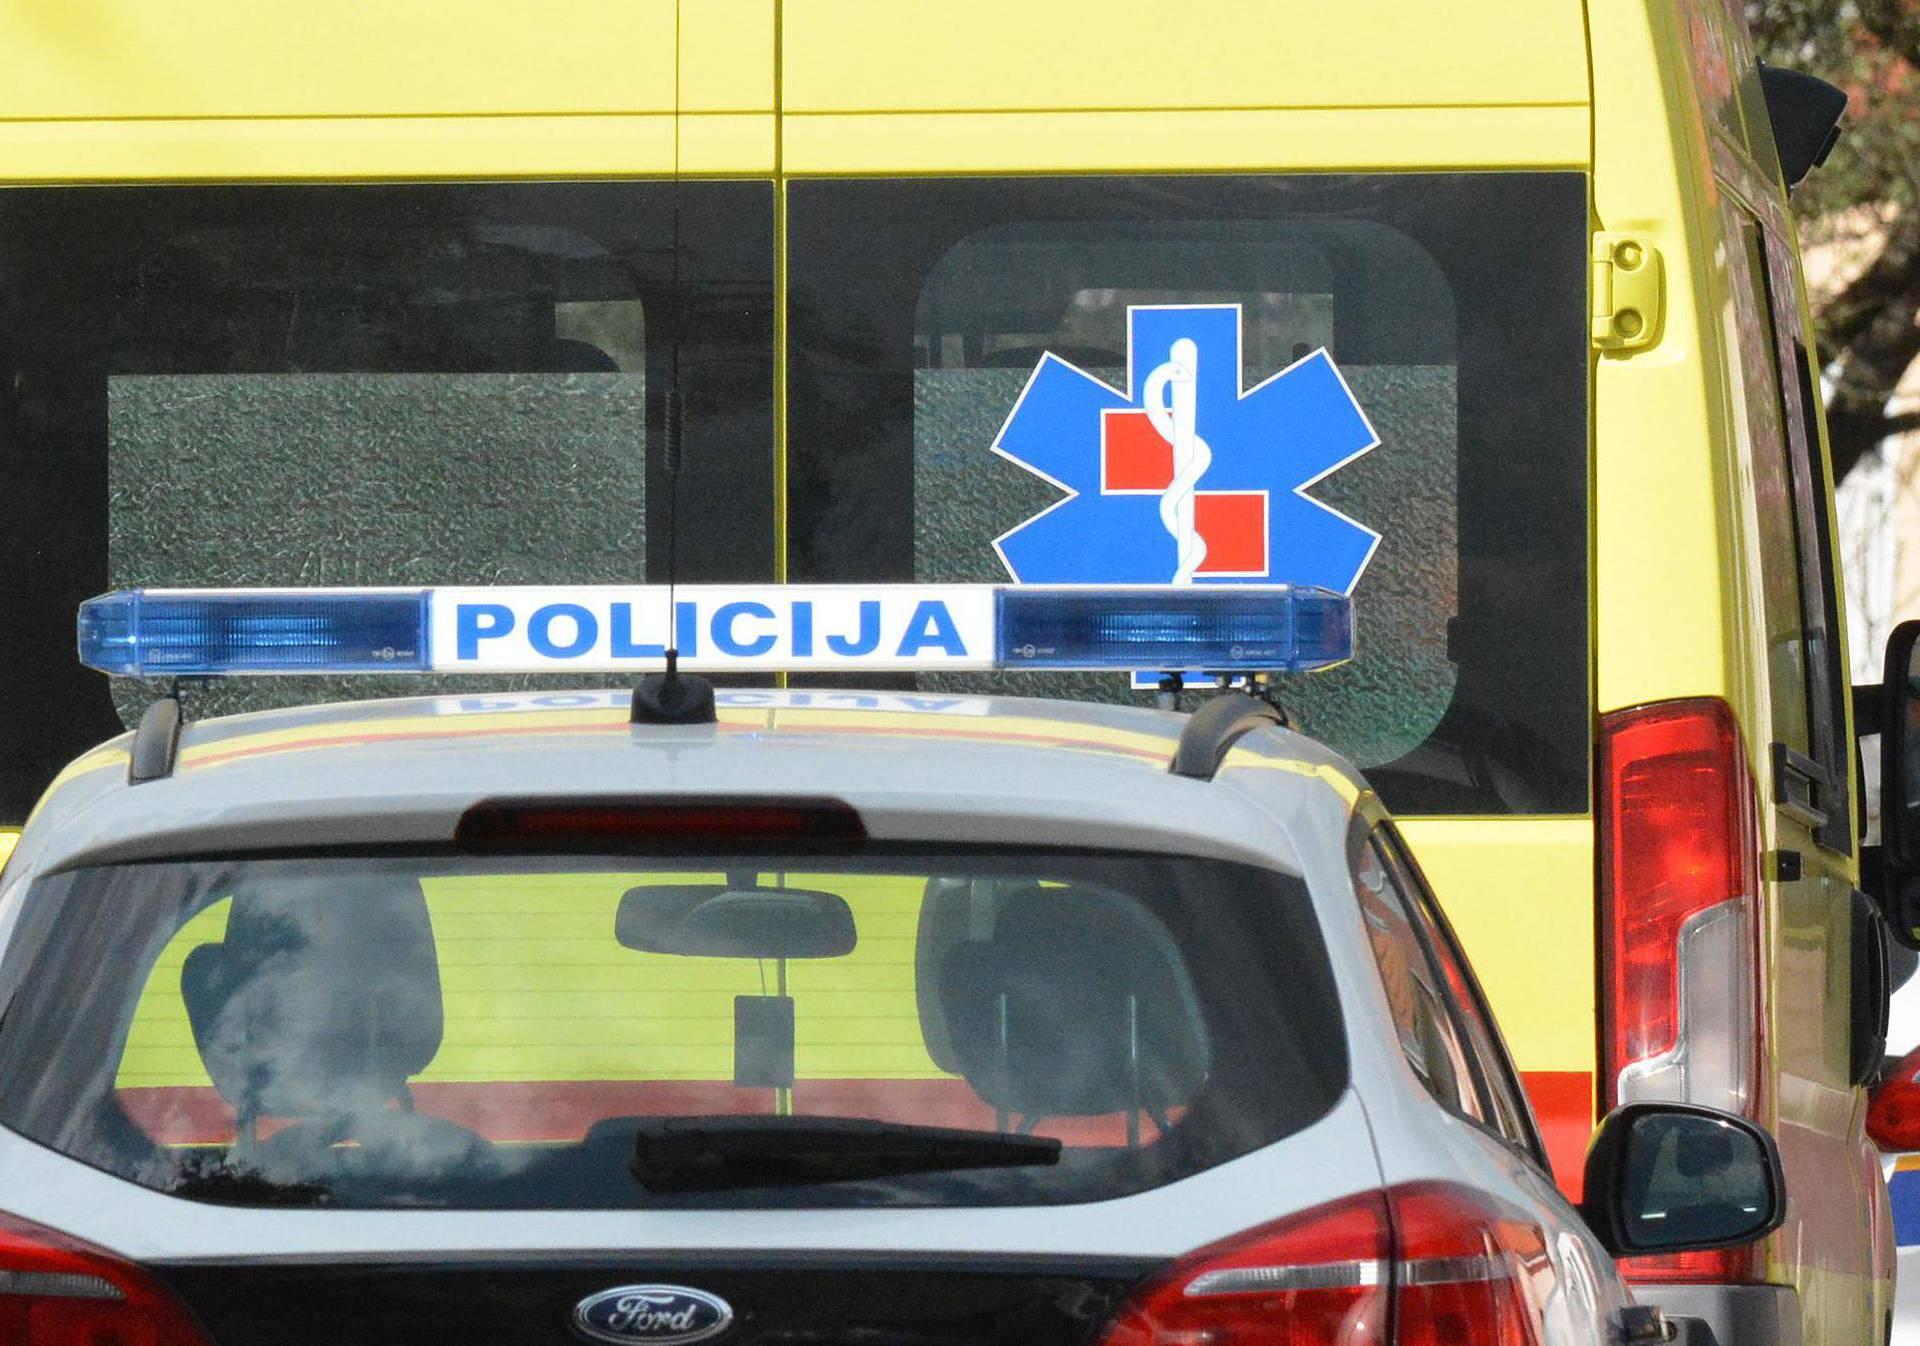 Radnik (26) teško ozlijeđen: Kupola mu prignječila glavu